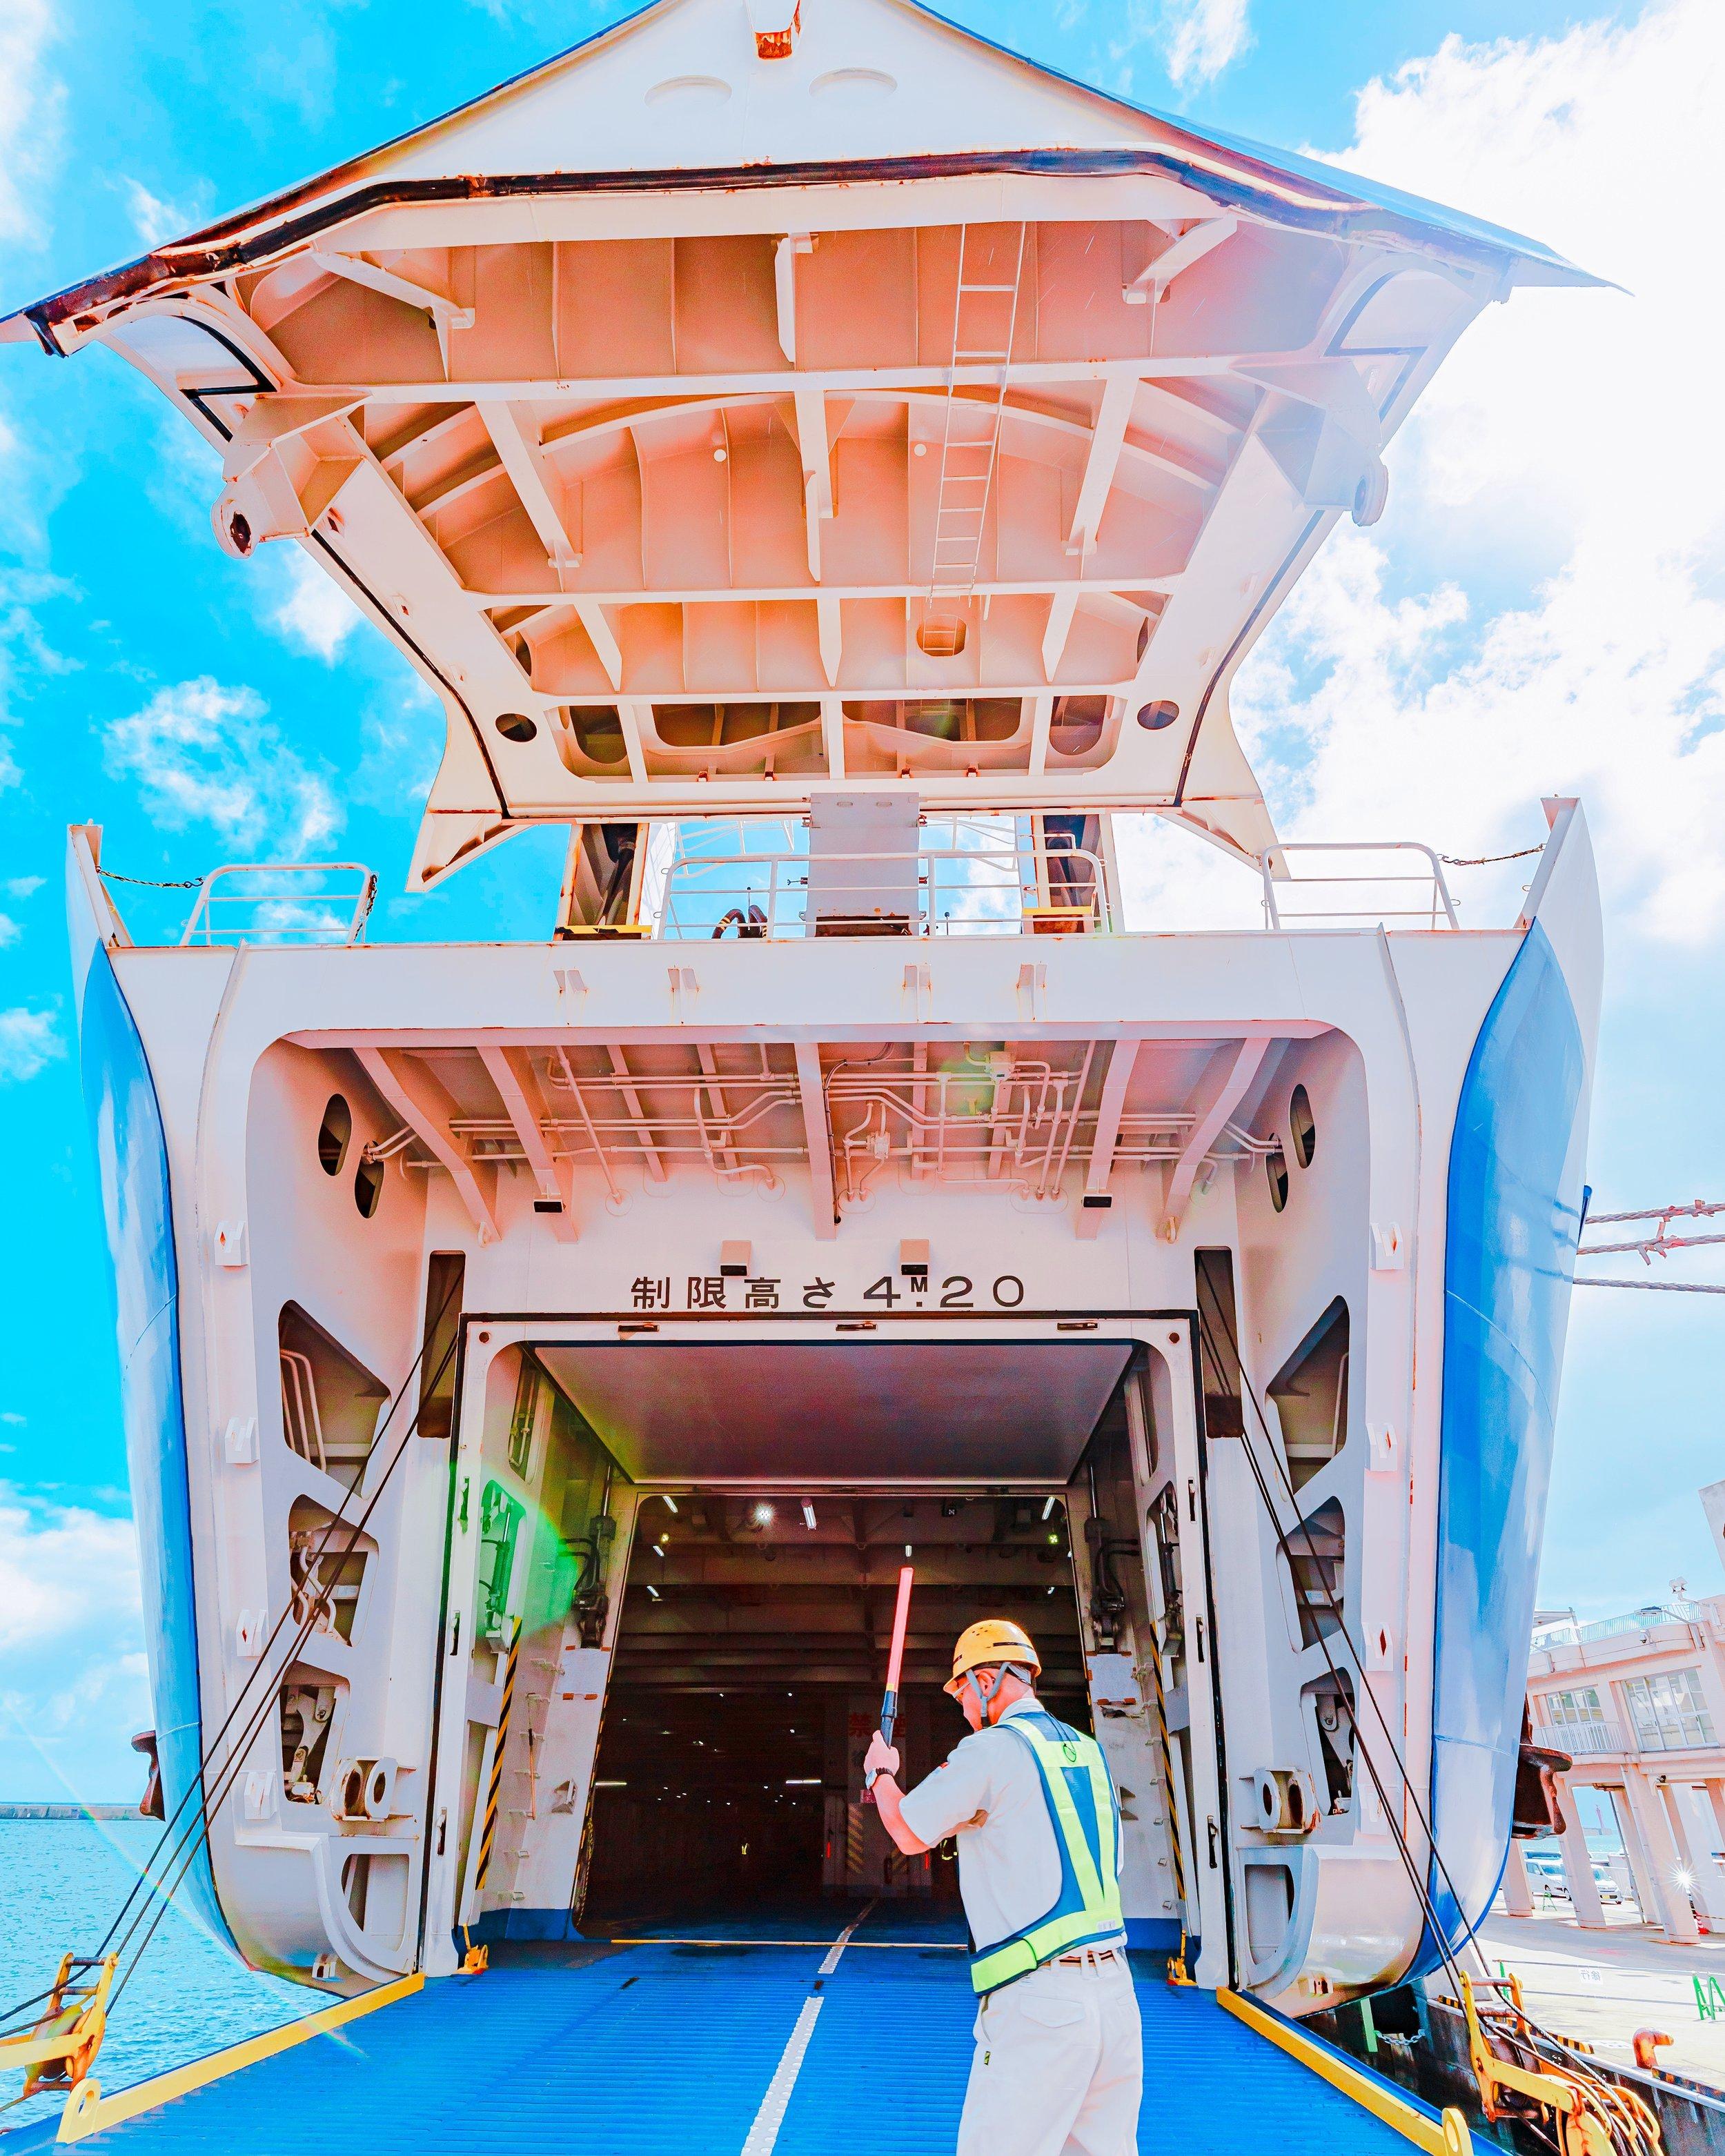 ときわ丸に車で乗船中 -Instagramフォトコンテスト受賞作品